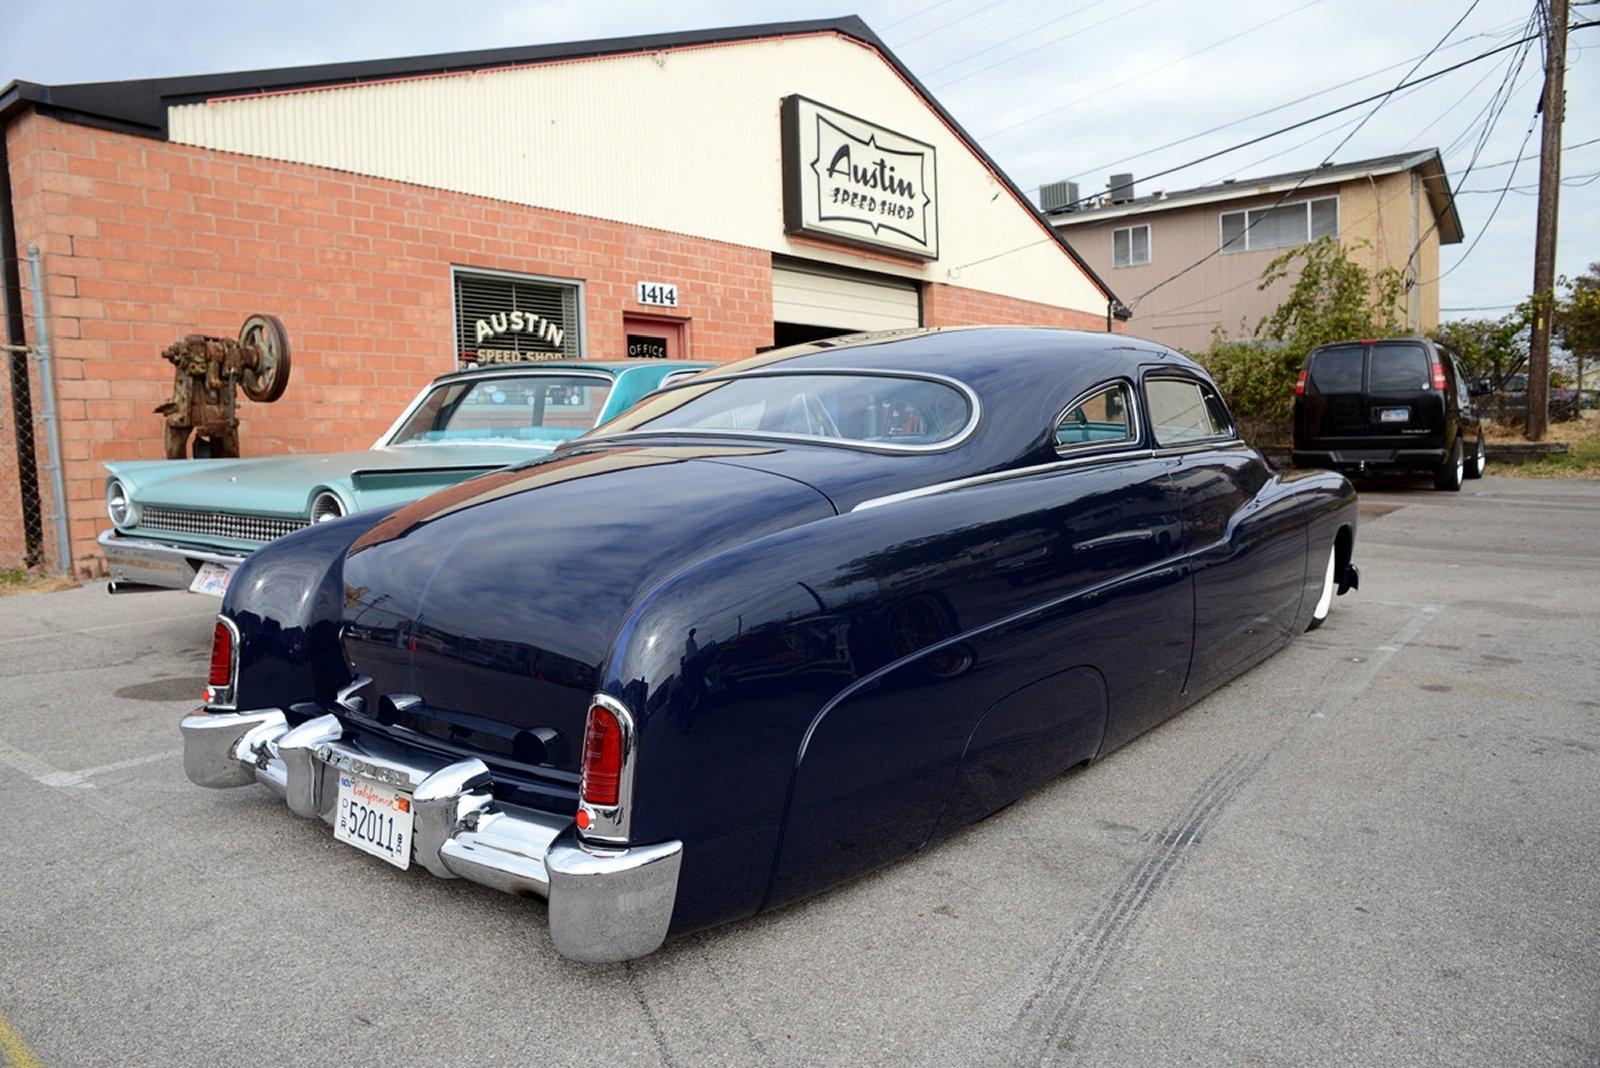 1951 Mercury Sedan Hot Custom Kustom Low Lowered Old School USA ...